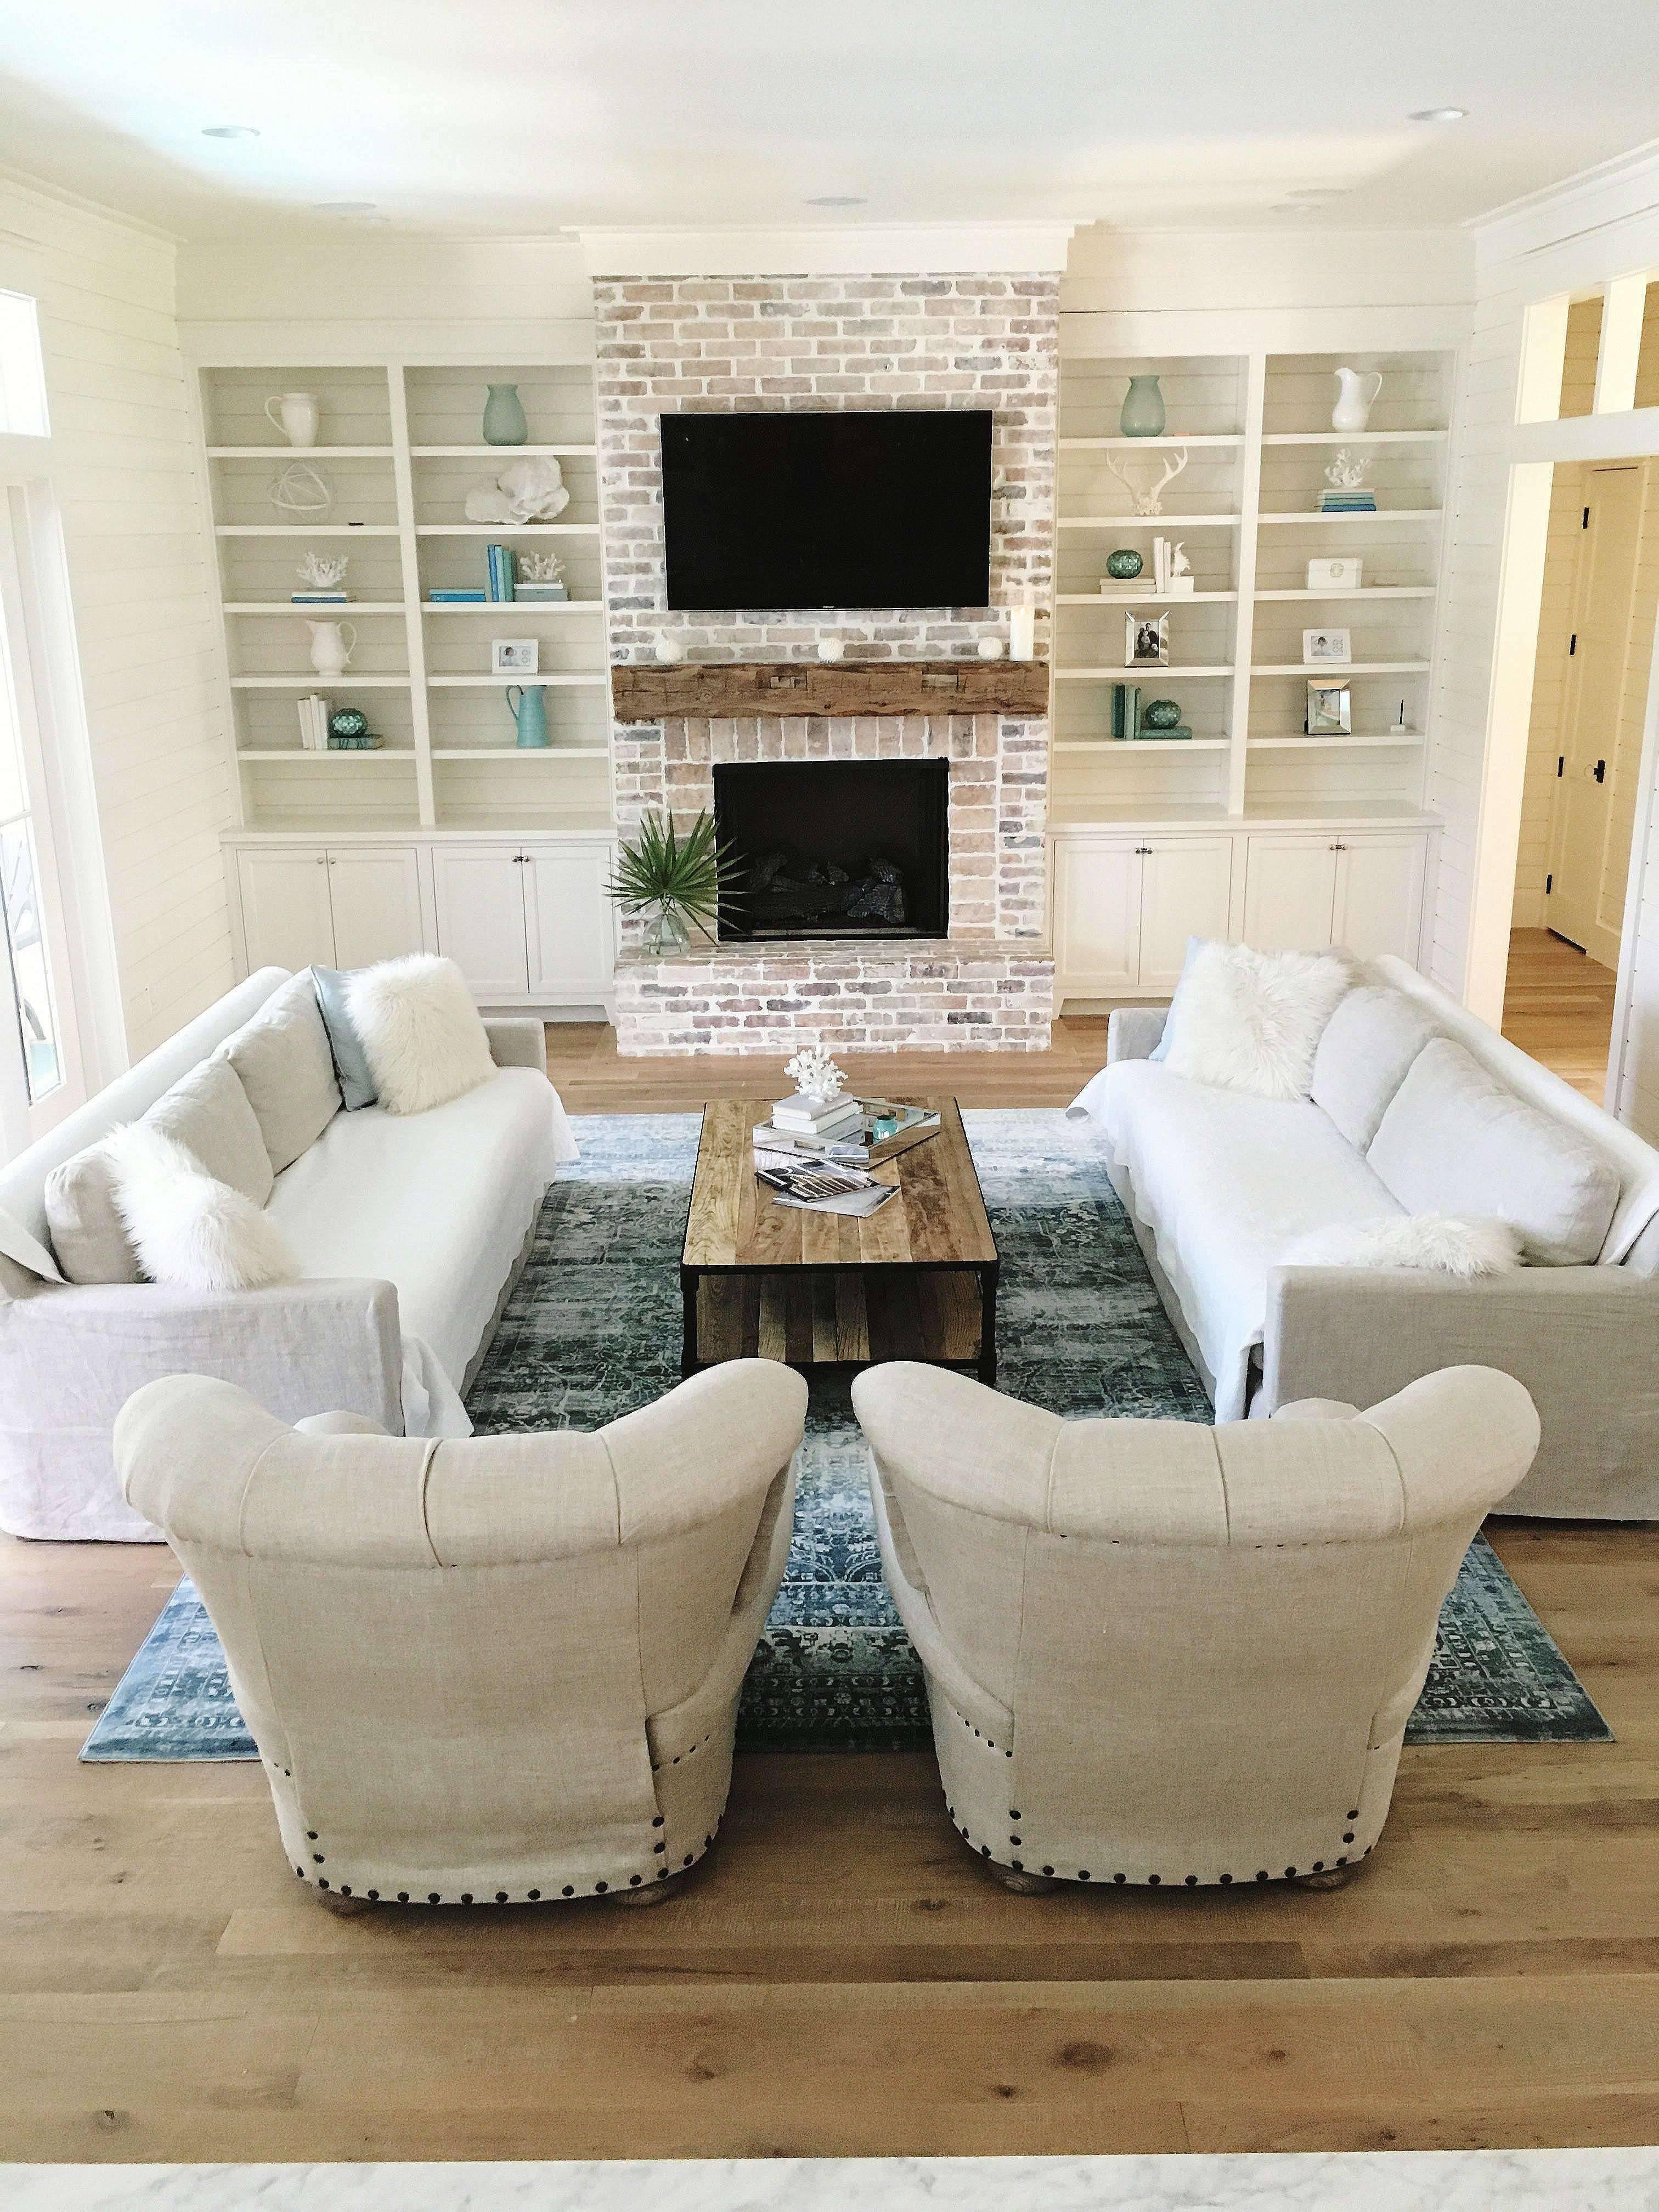 Thrifty Living Room Design Ideas Decor Low Budget Cozy Cute